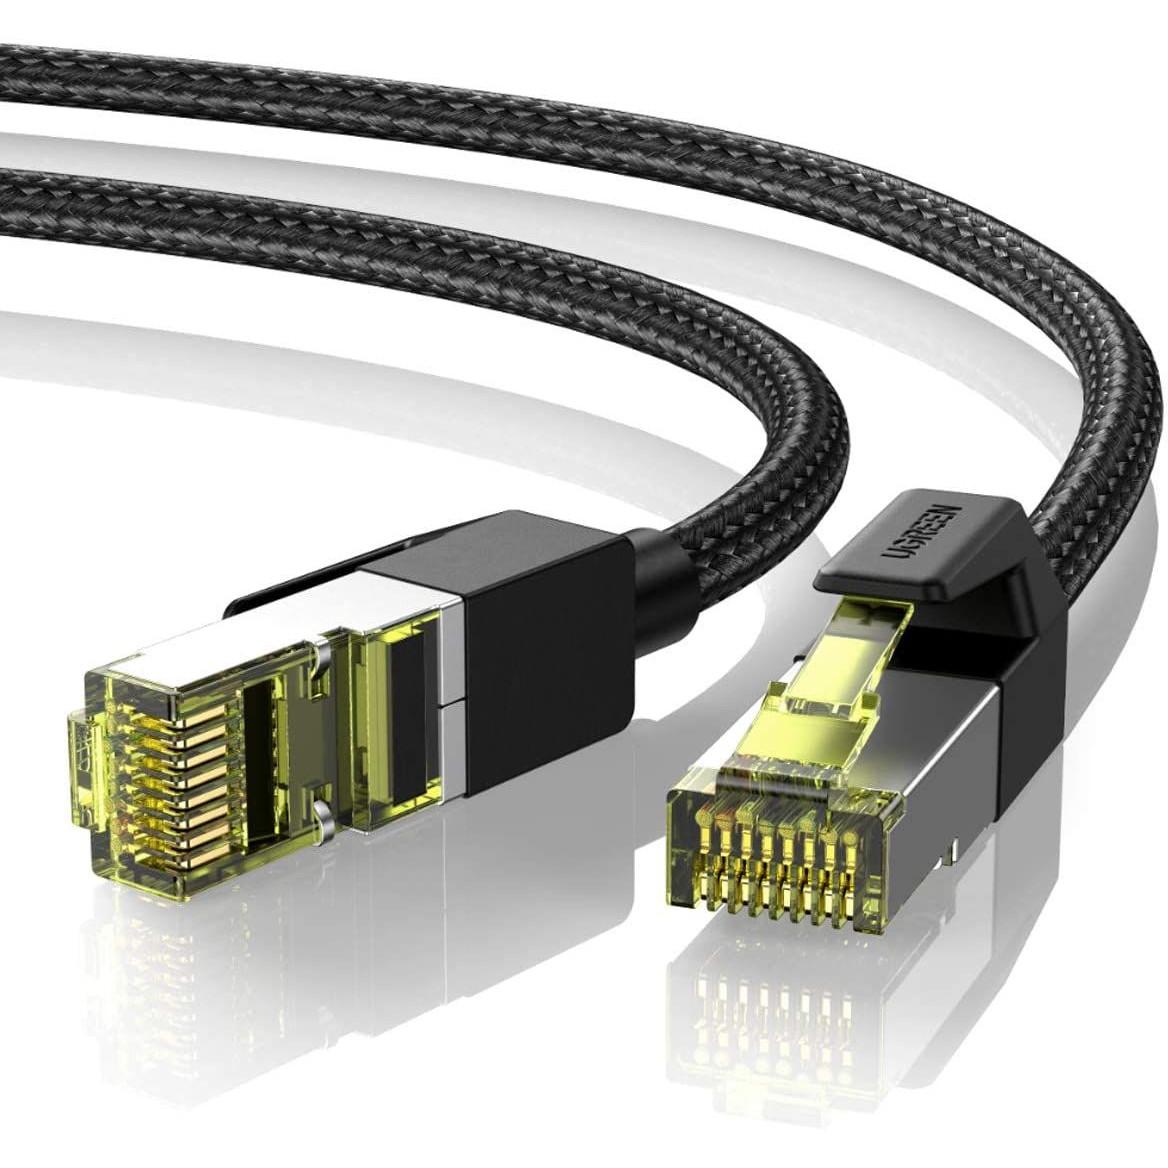 Cáp mạng truyền dữ liệu giữa các máy tính Ugreen 80420 NW150 Hàng Chính Hãng